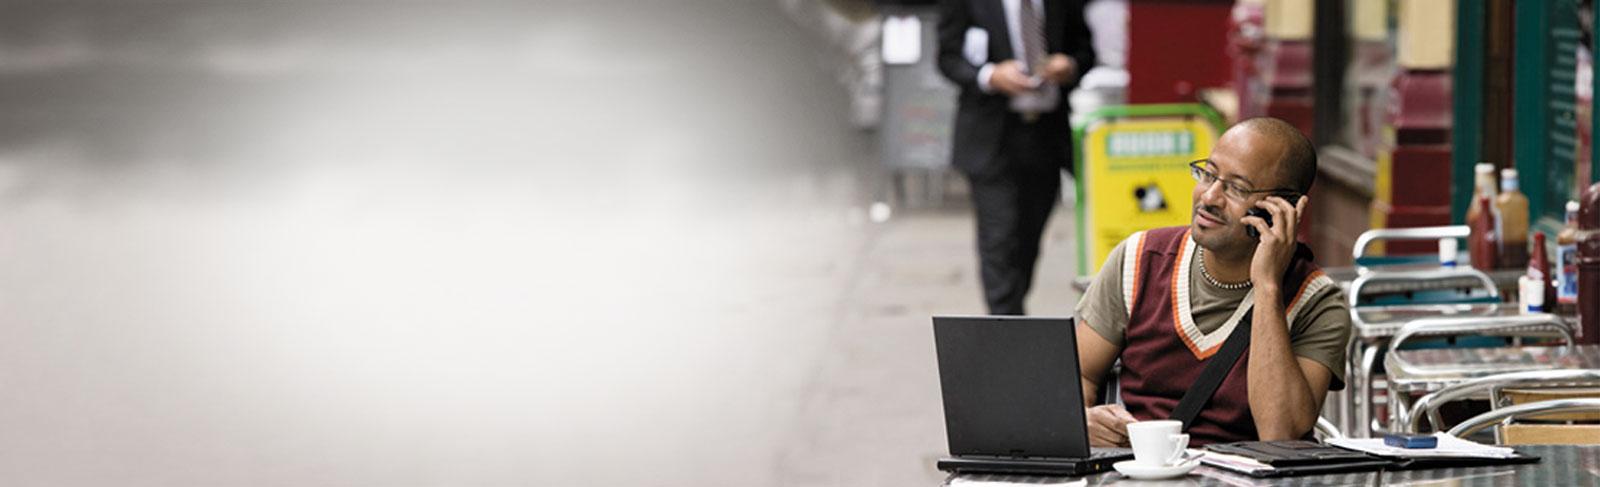 Muž s telefónom a prenosným počítačom v kaviarni, ktorý používa podnikový e-mail cez Exchange Server 2013.